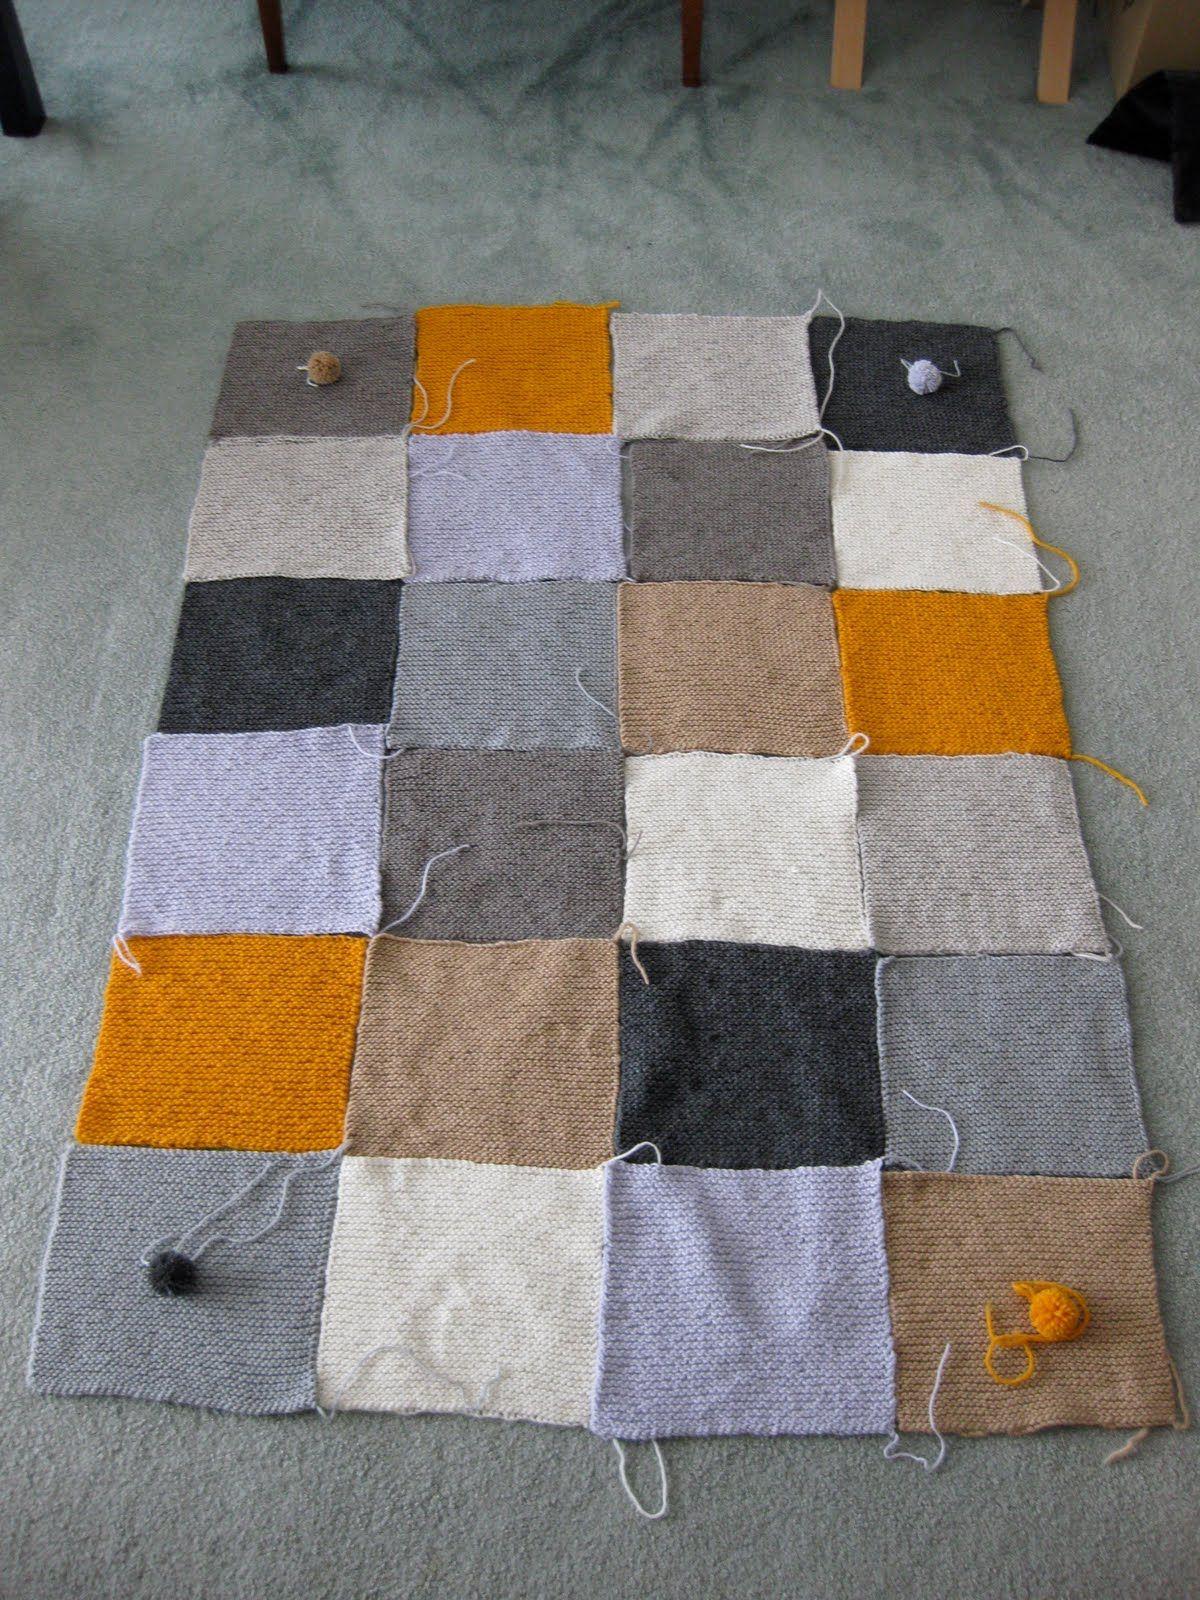 Knitting Pattern For Blanket Squares : knit square blanket. knitting. Pinterest